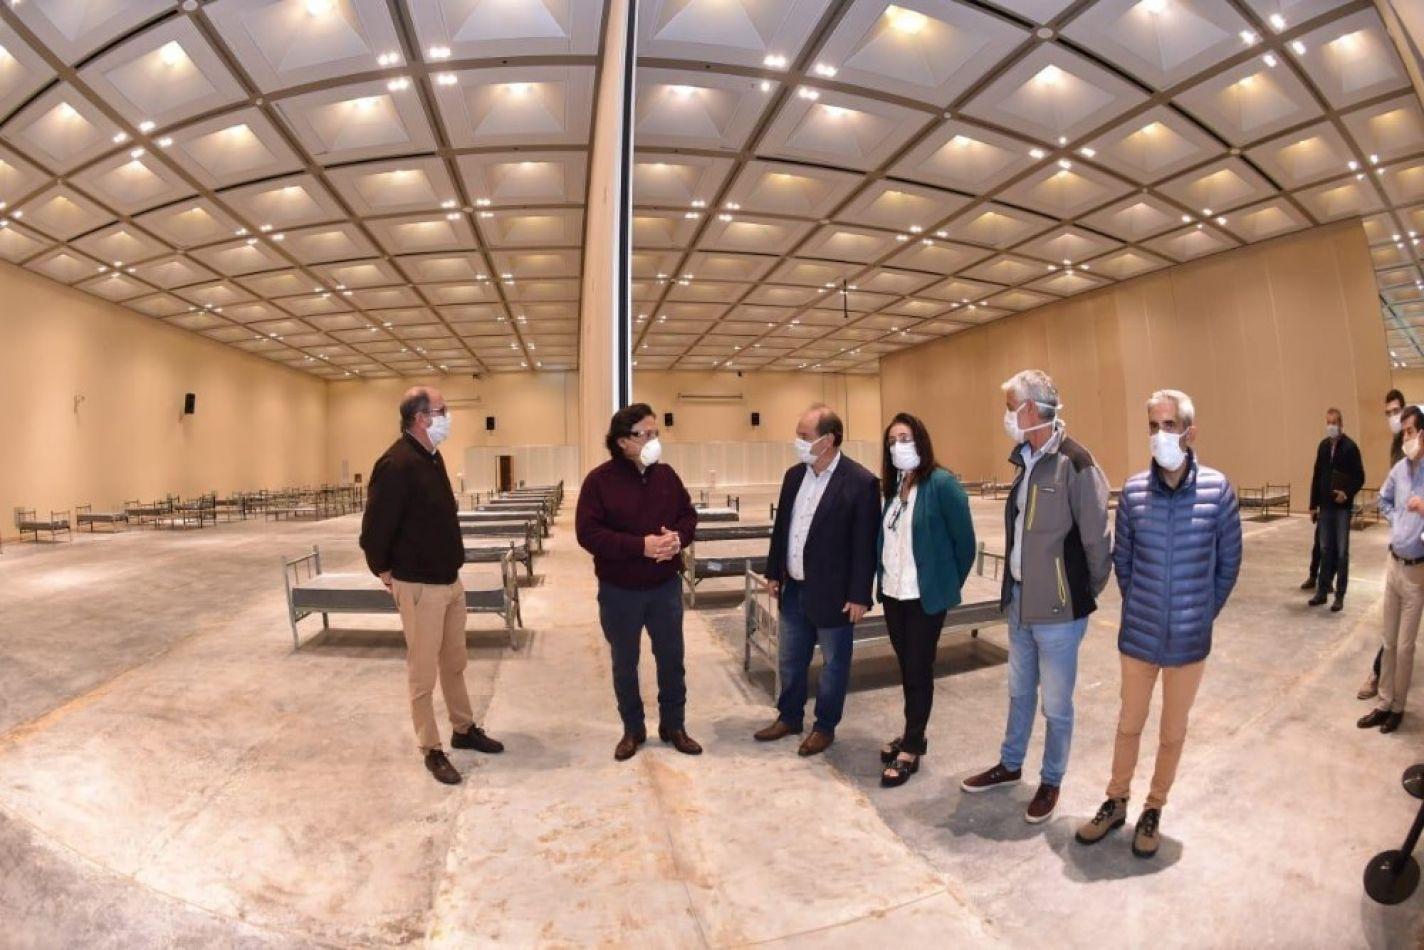 COVID-19: Sáenz supervisó la finalización de los trabajos de remodelación en el Centro de Convenciones de Limache